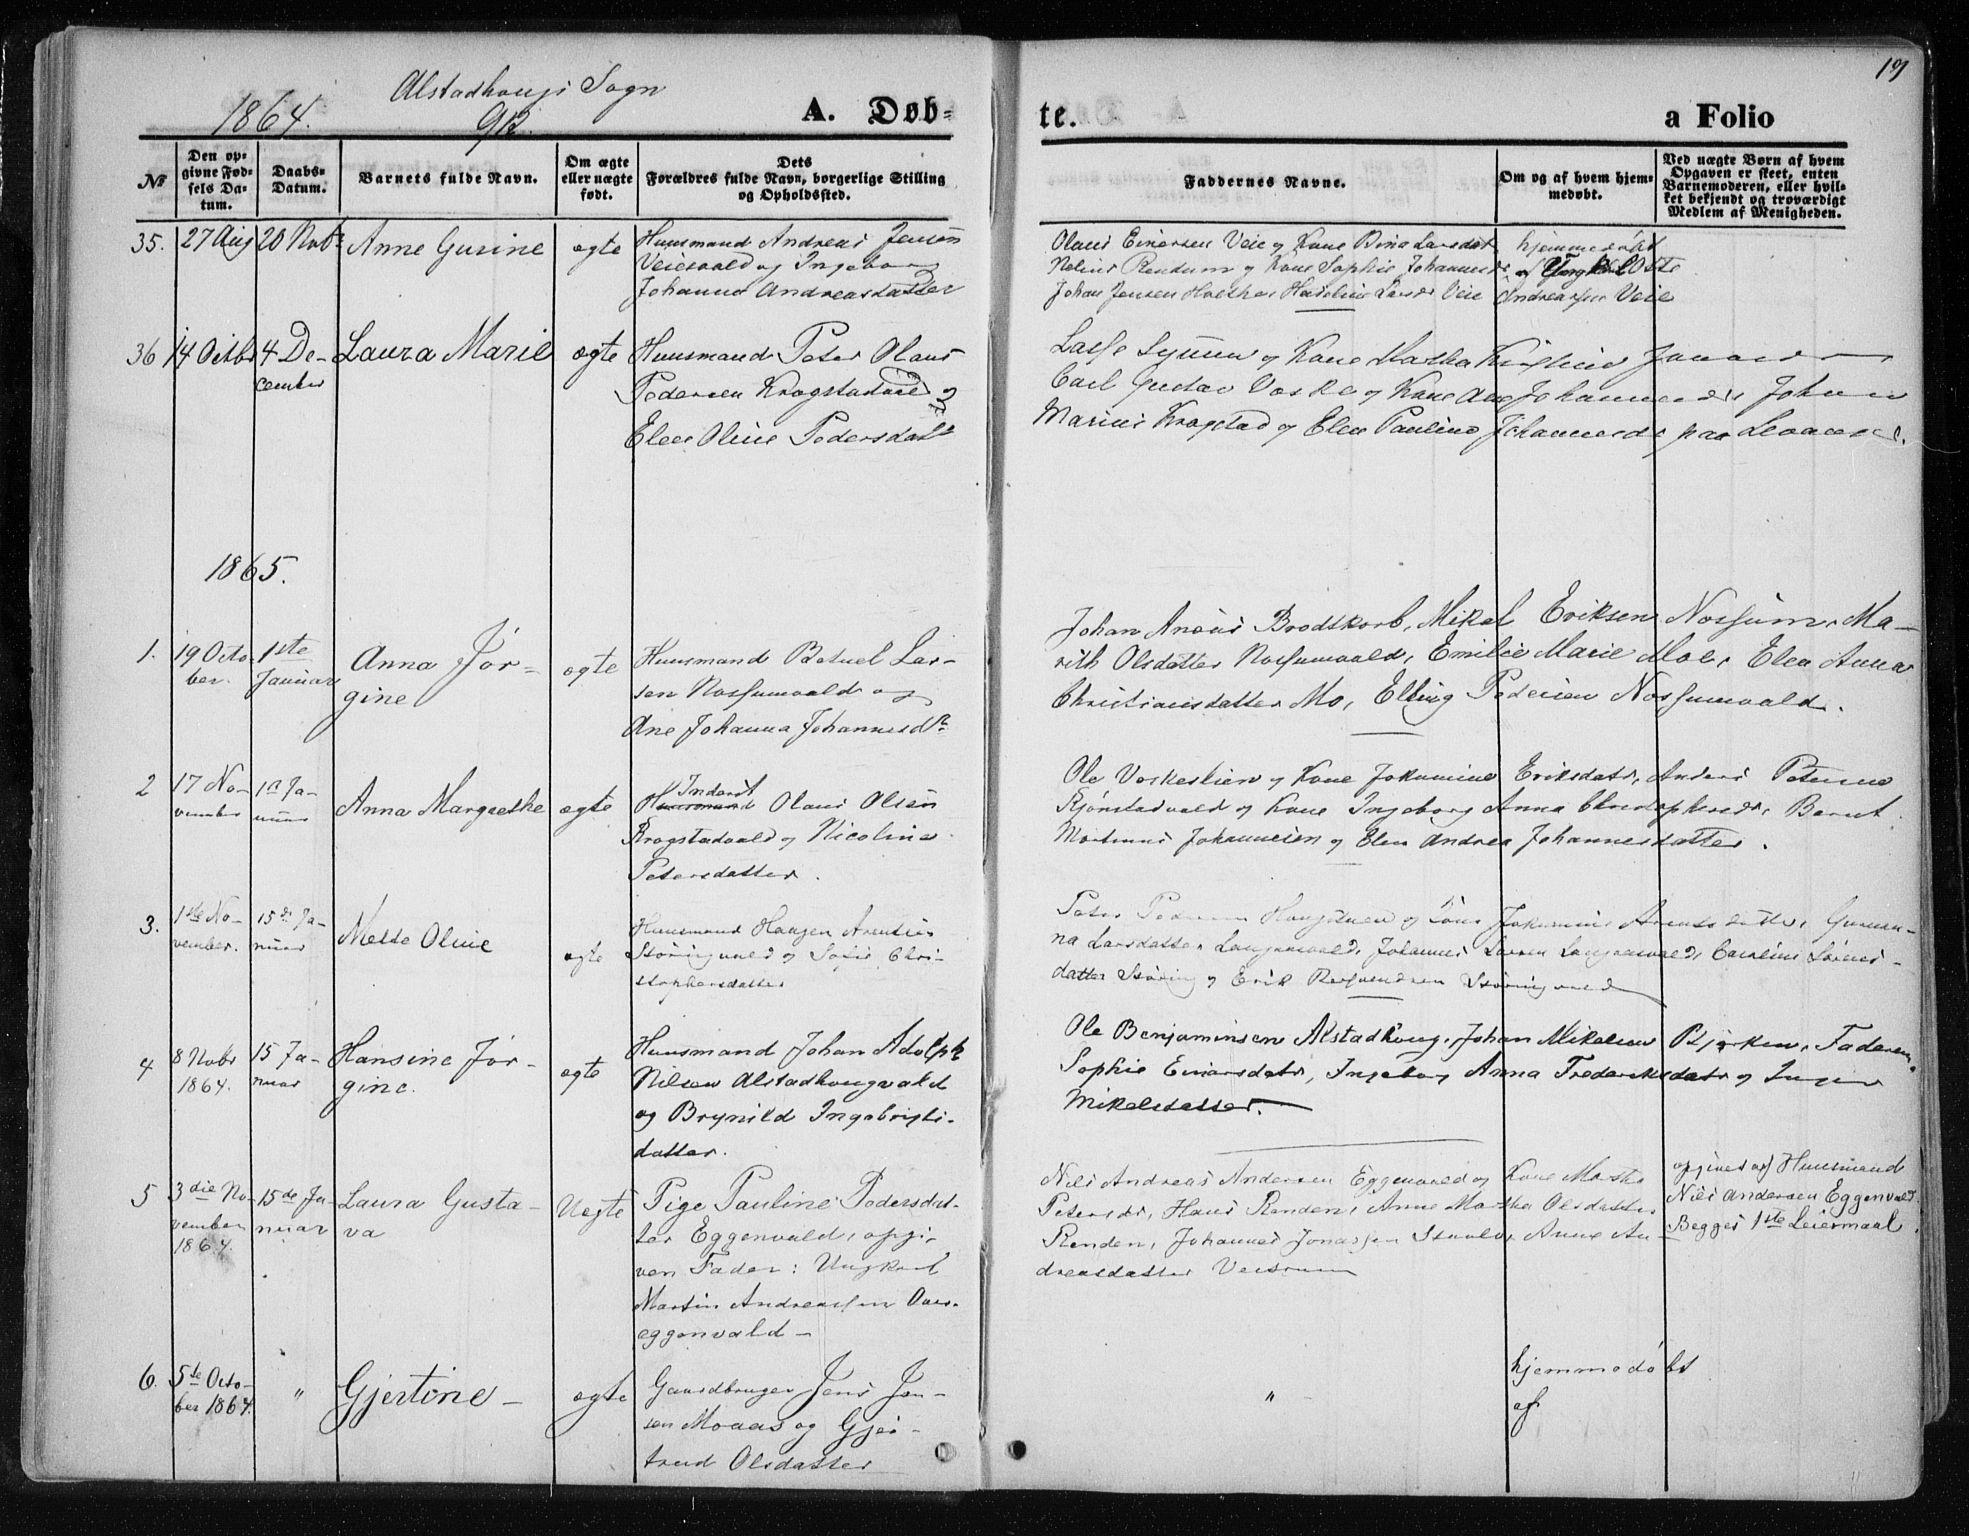 SAT, Ministerialprotokoller, klokkerbøker og fødselsregistre - Nord-Trøndelag, 717/L0157: Ministerialbok nr. 717A08 /1, 1863-1877, s. 19